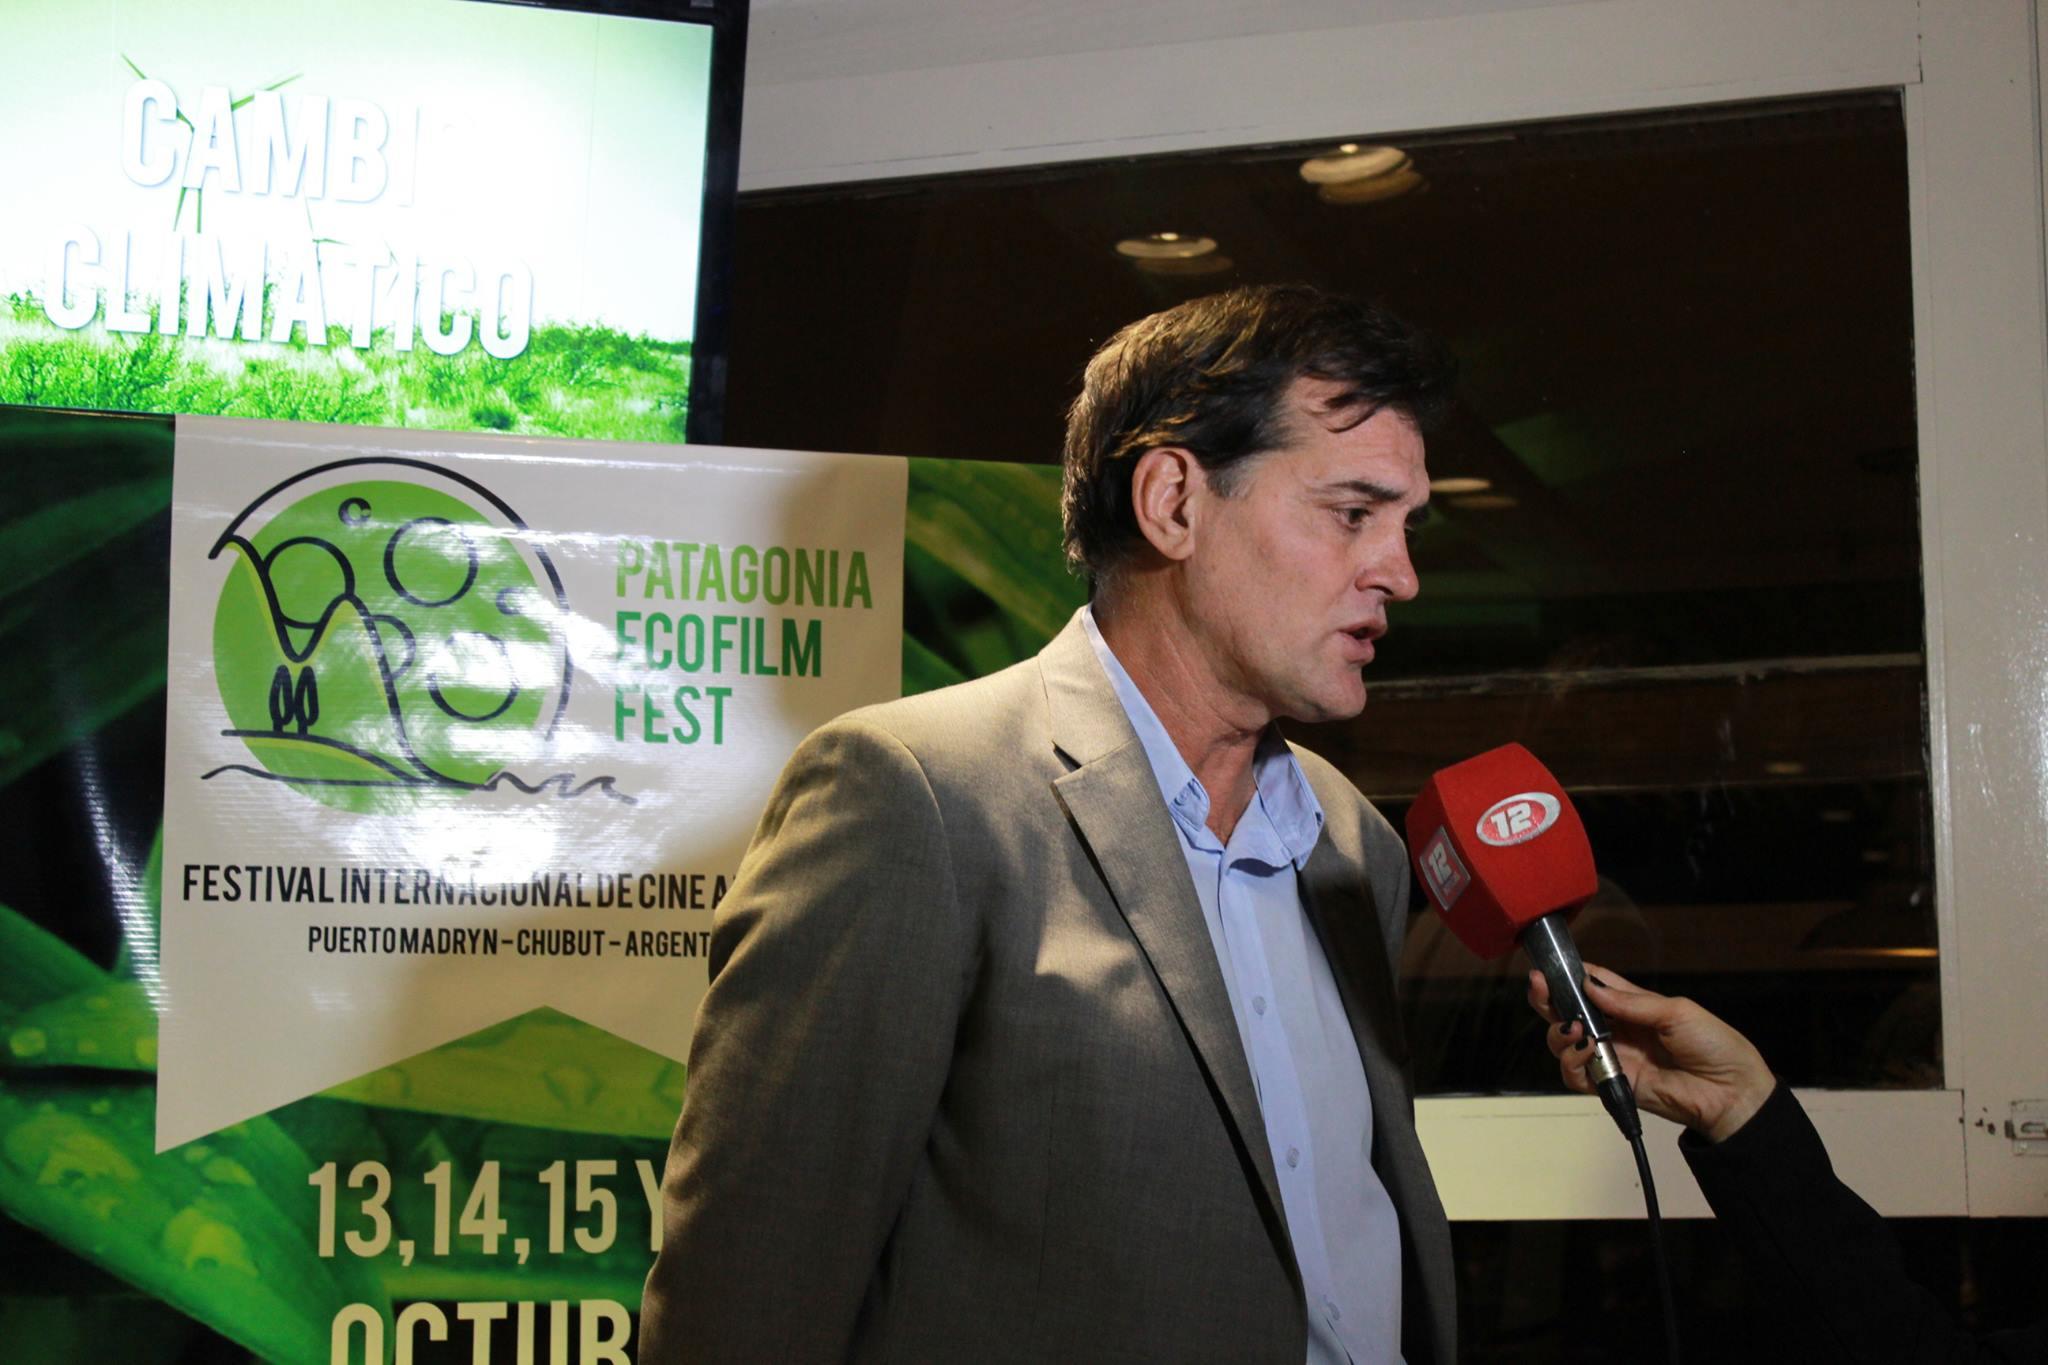 Ambiente acompañará el Patagonia Eco Film Fest que se realizará en octubre en Pto. Madryn